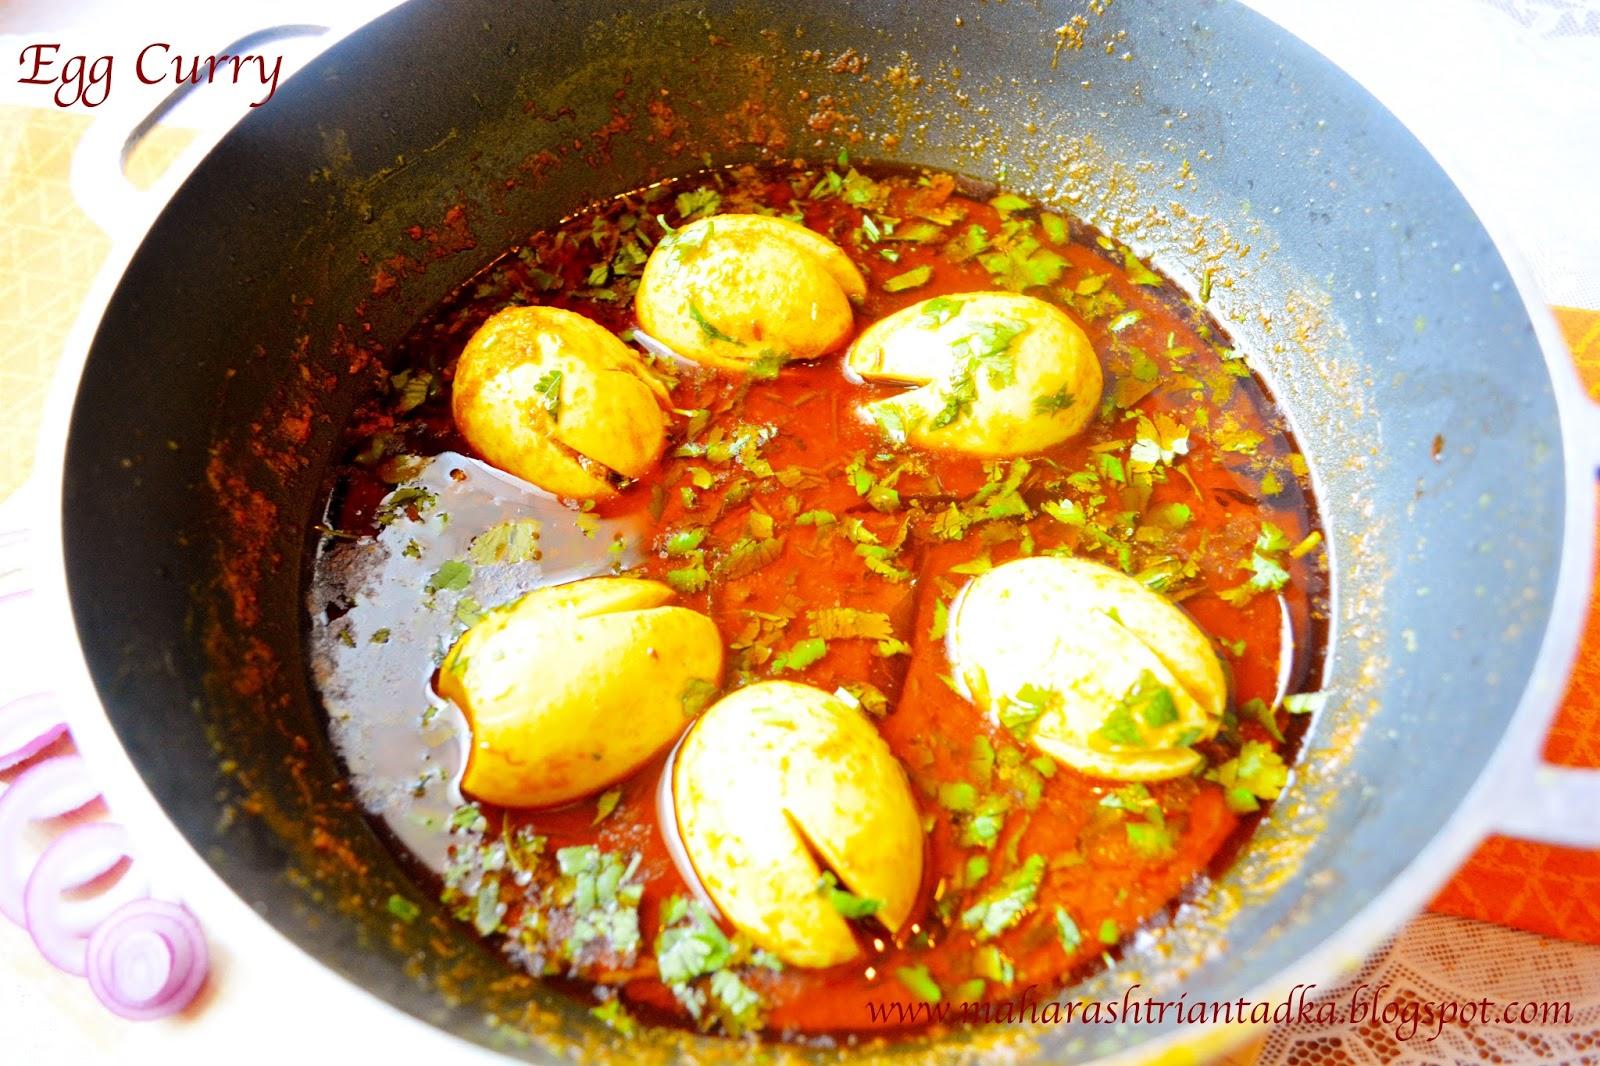 Cake Recipe In Marathi With Egg: Maharashtrian Tadka